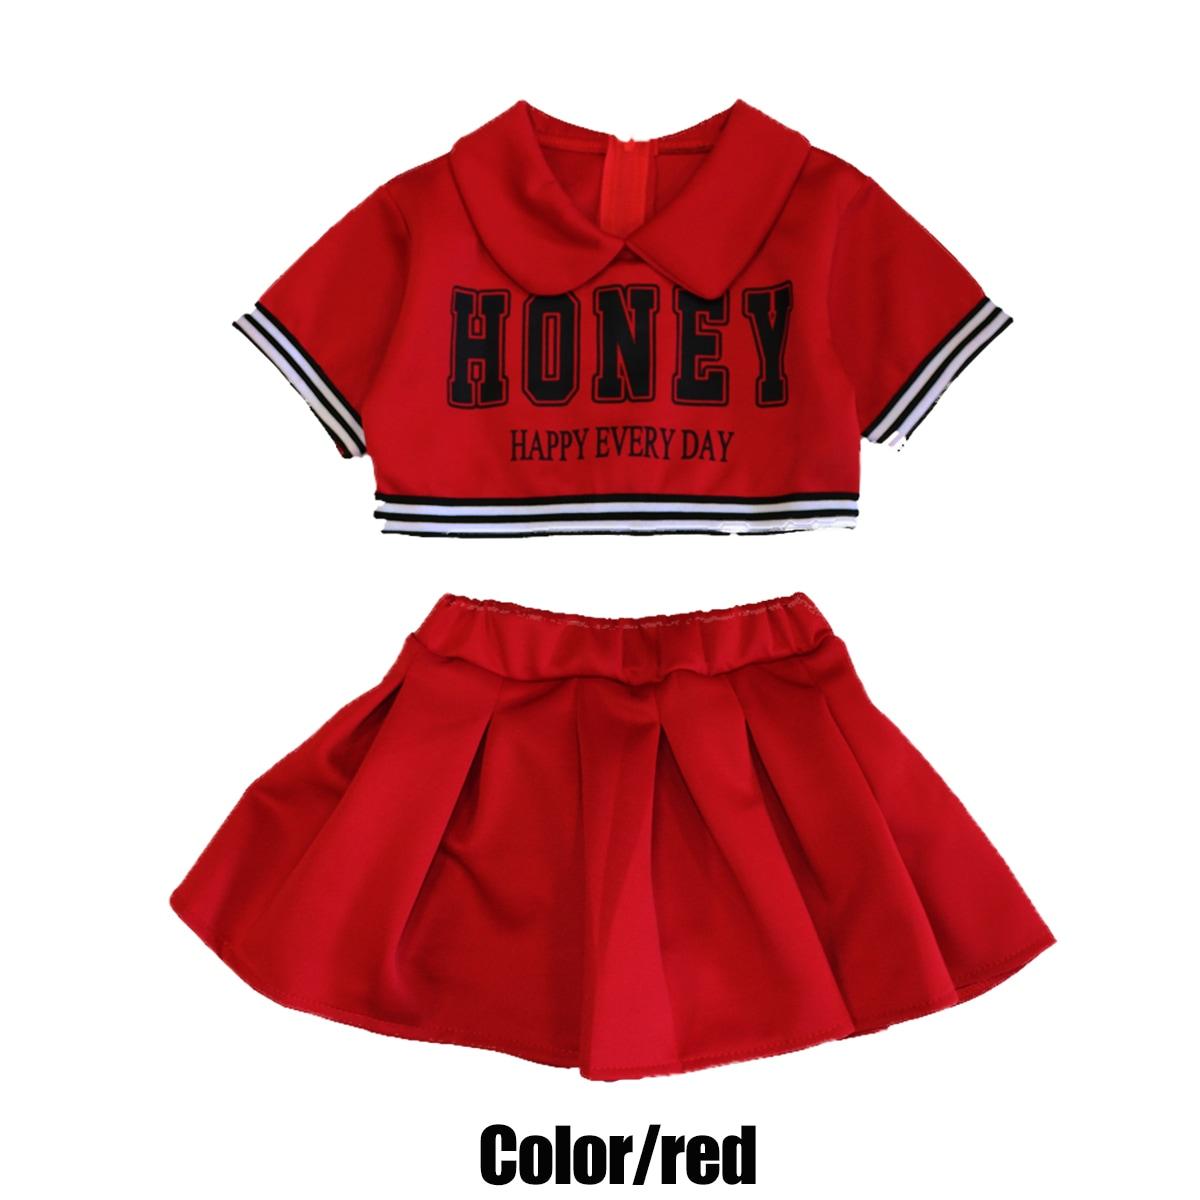 カラー 赤 レッド フロントスタイル